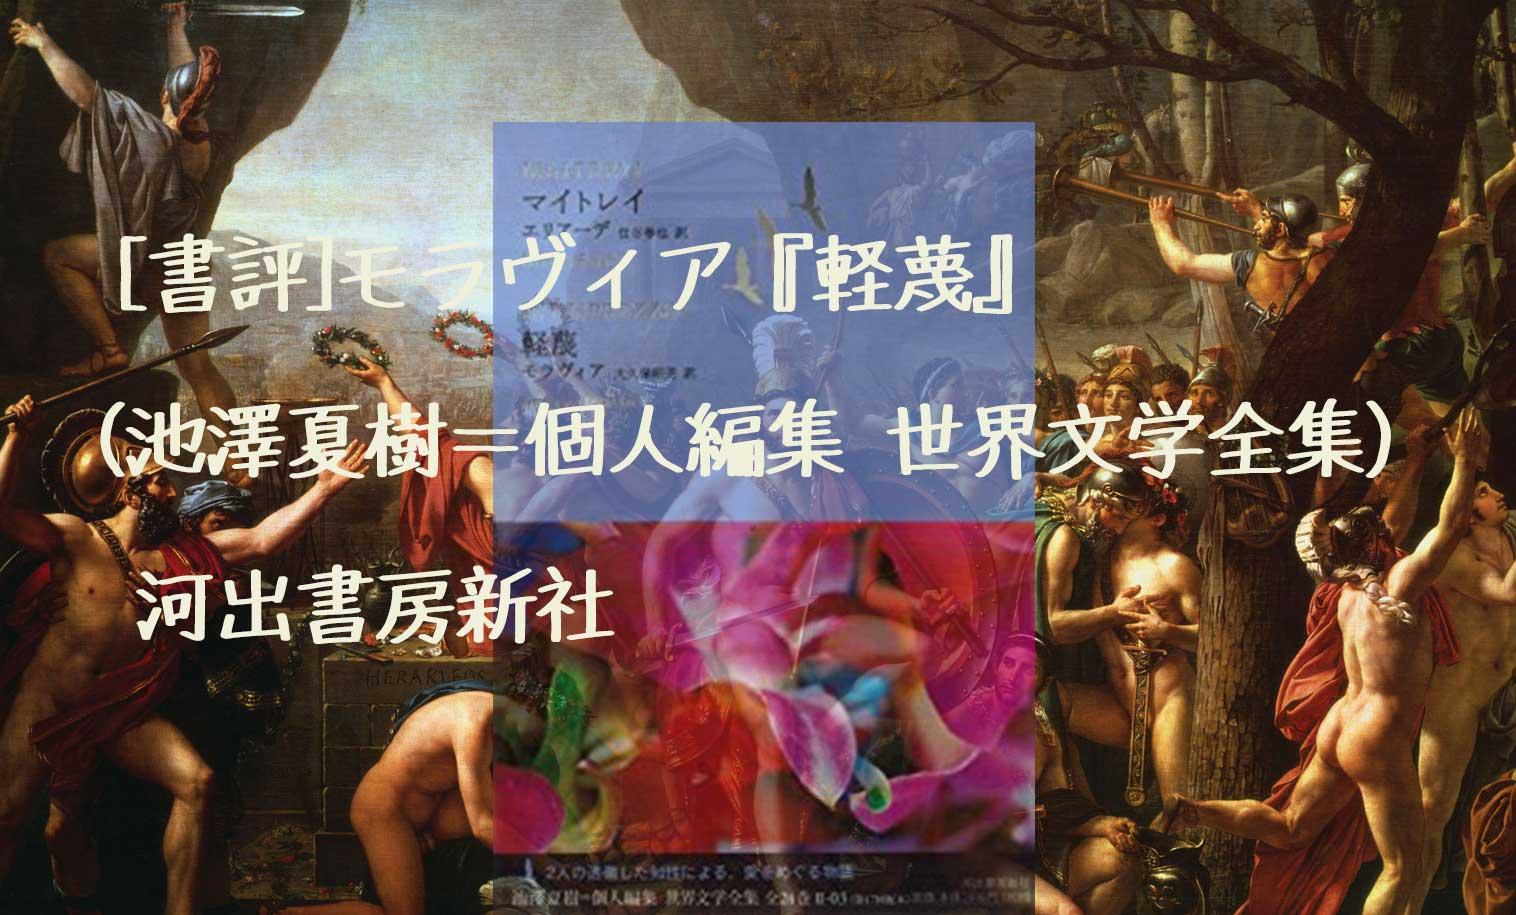 [書評]モラヴィア『軽蔑』(池澤夏樹=個人編集 世界文学全集)河出書房新社